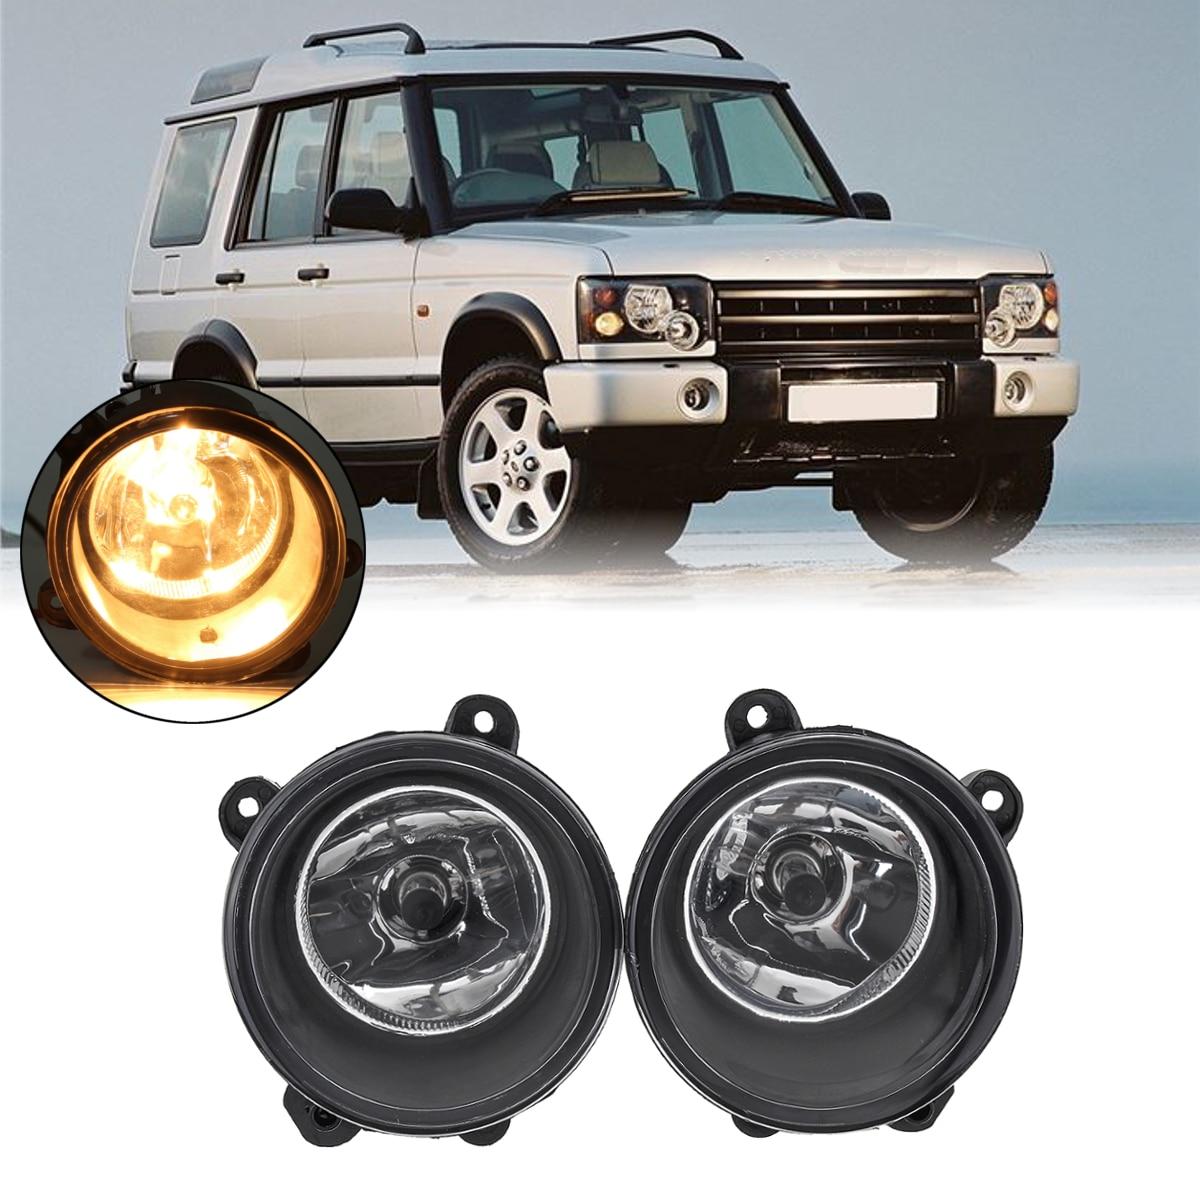 Пара Противотуманные фары ясно лампы с H11 лампы для Land Rover Discovery 3X2 2003 2004 2005 2006 2007 2008 2009 Спорт 2005-2009